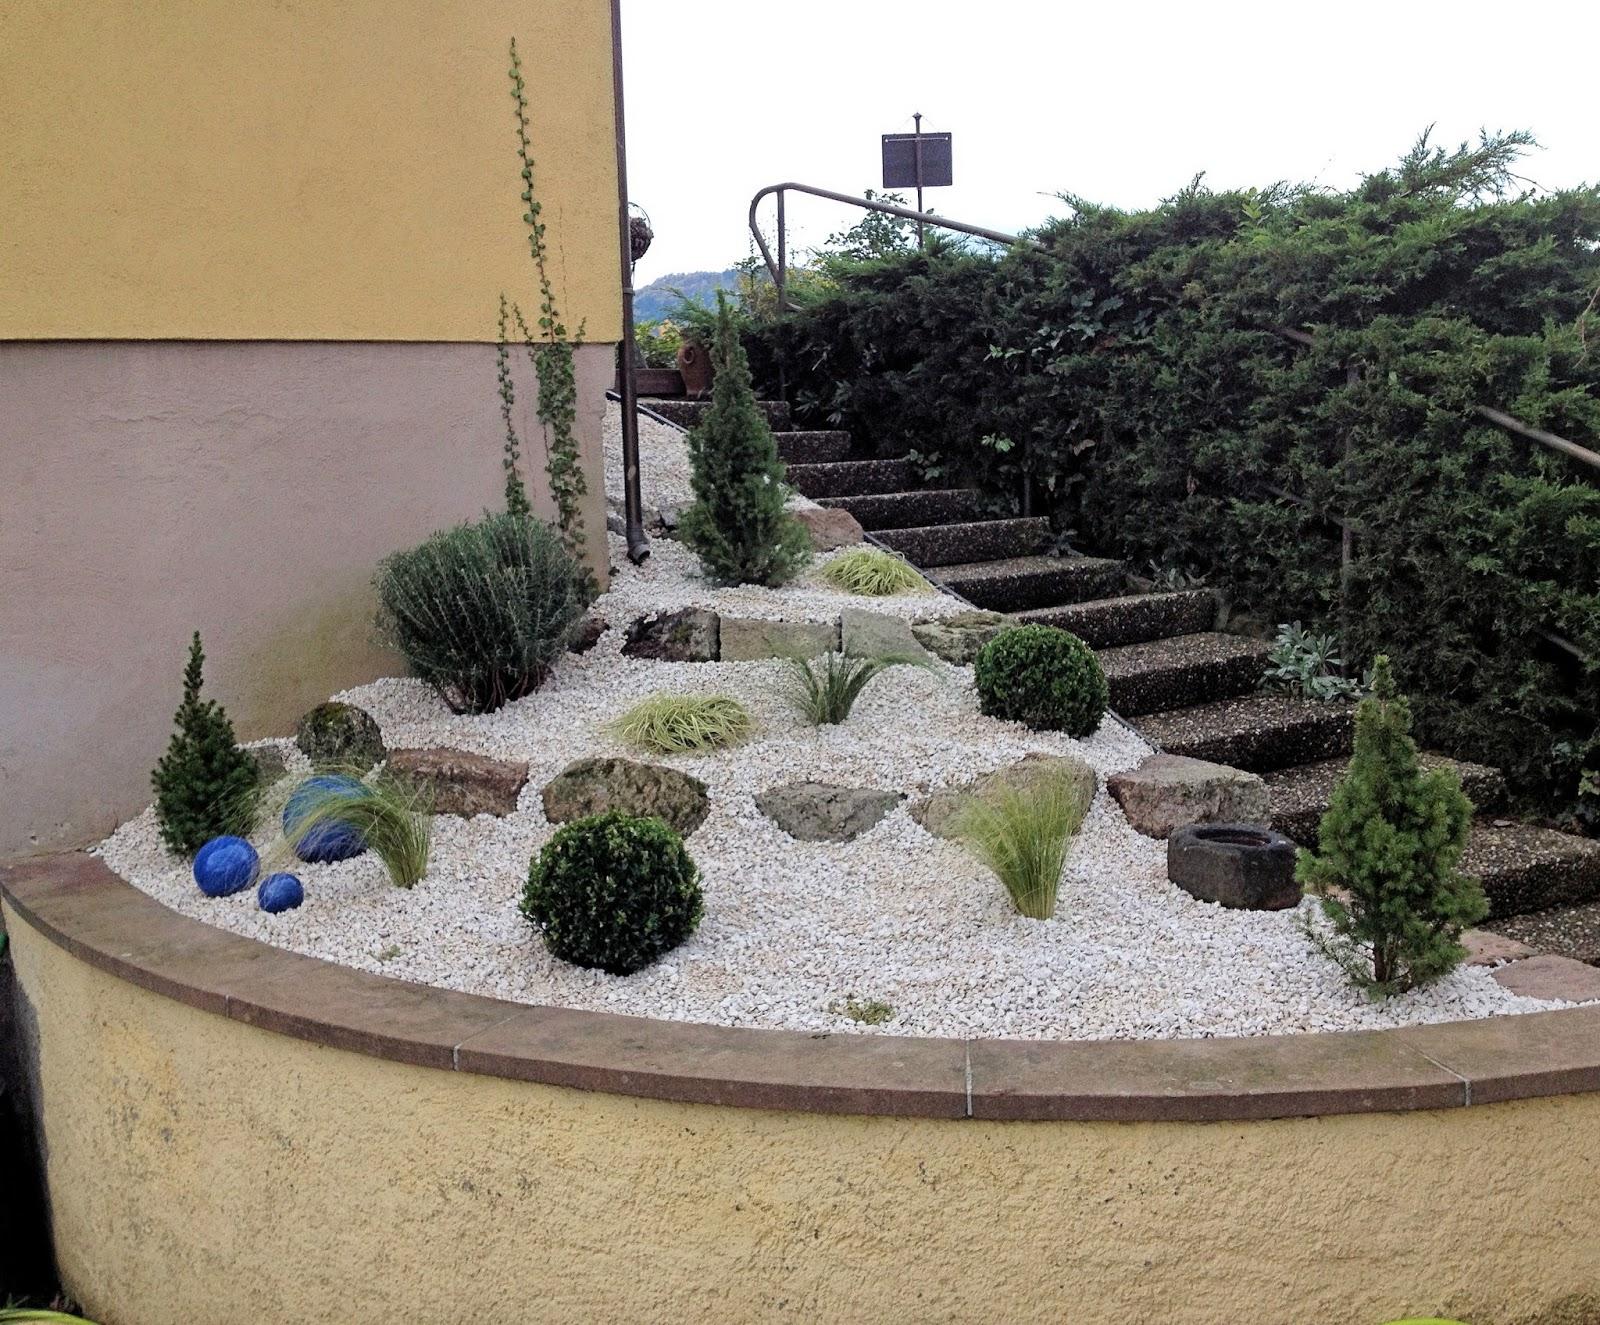 Jardin alsace vignoble for Modele de deco jardin